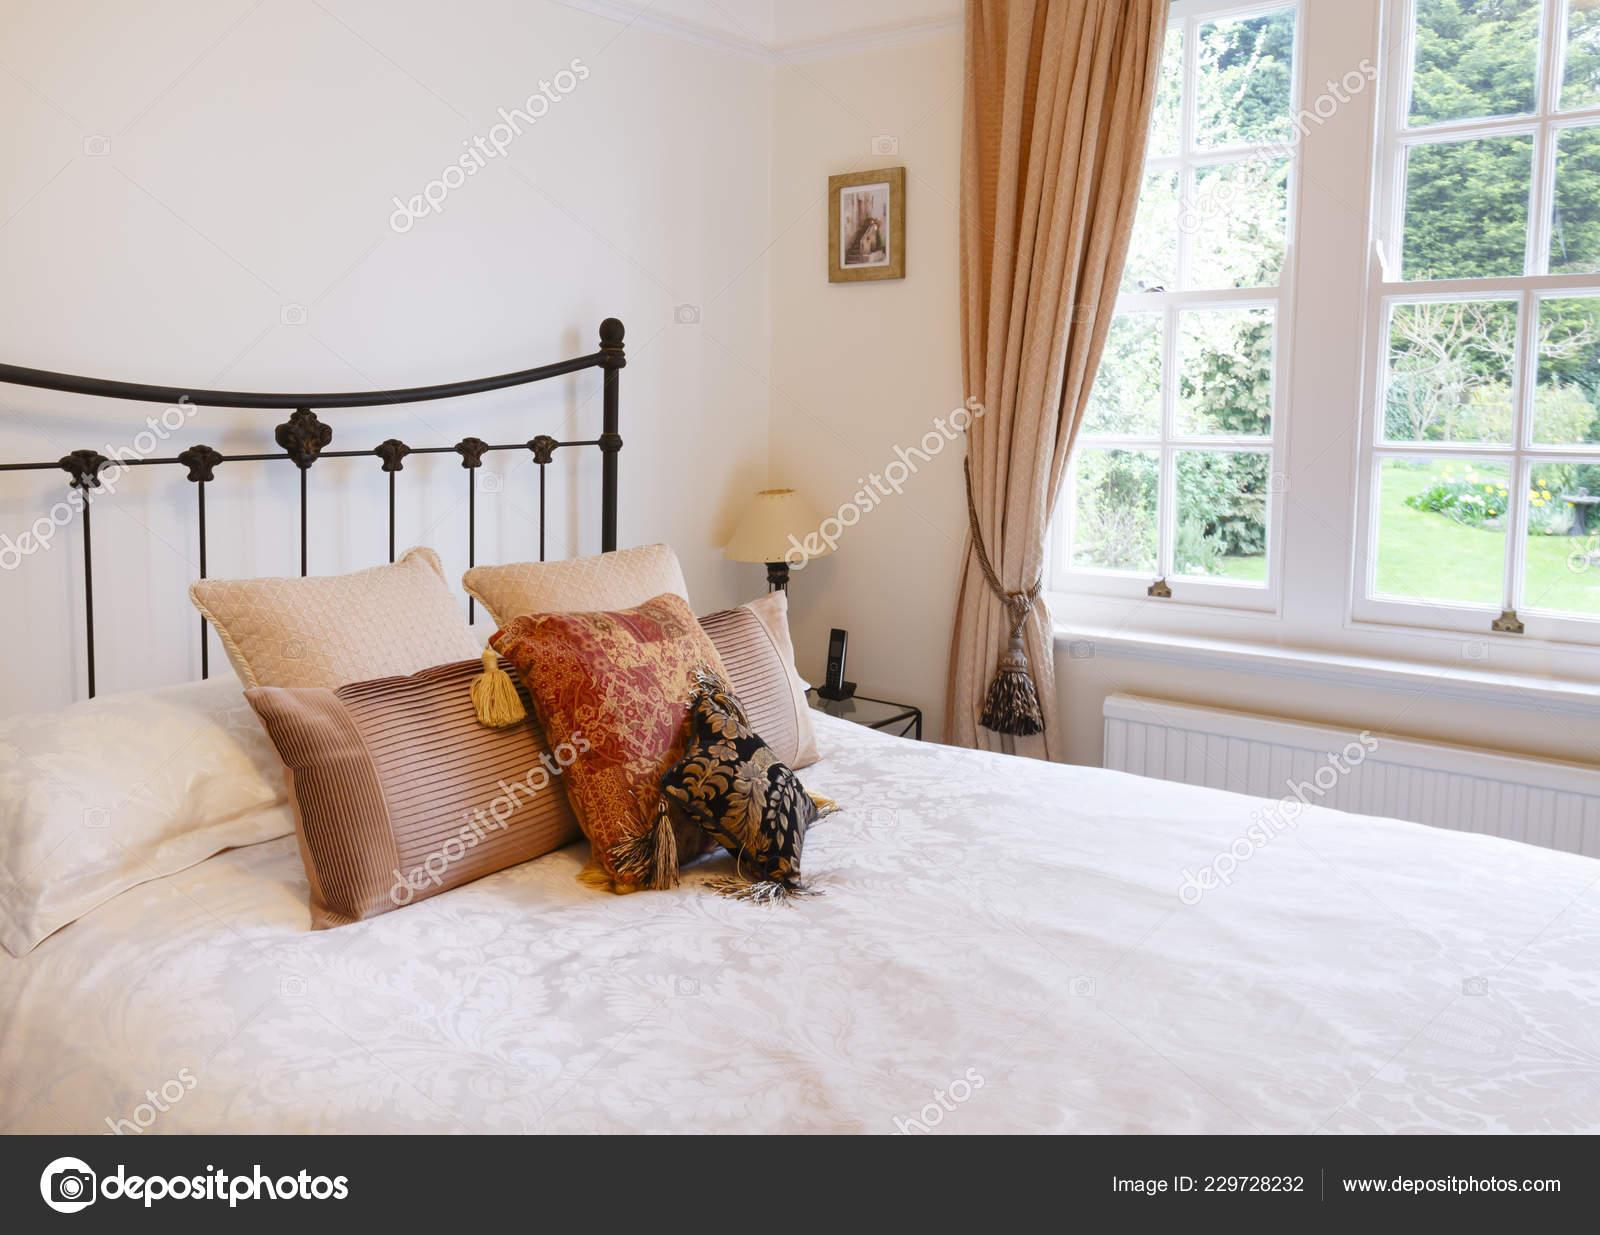 Interni Case Stile Inglese : Interno camera letto una casa inglese stile tradizionale con